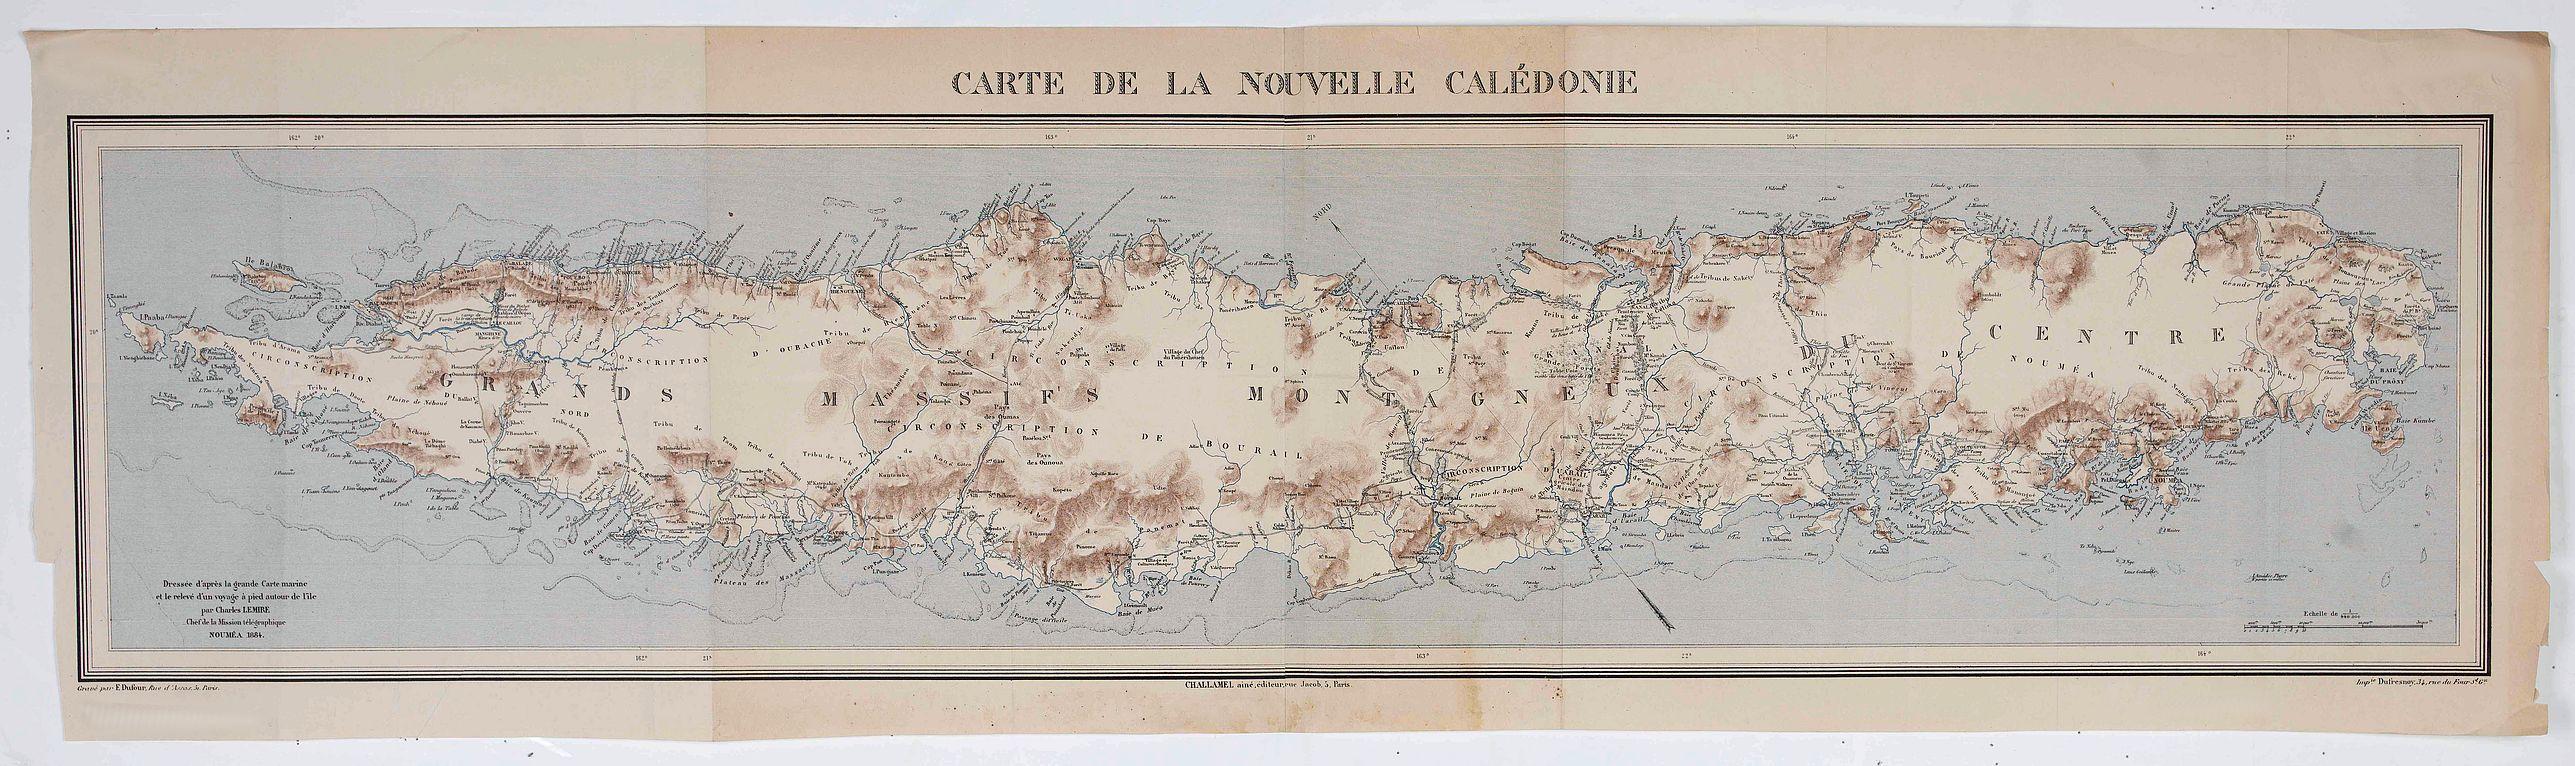 CHALLAMEL AINE - Carte de la Nouvelle Calédonie.